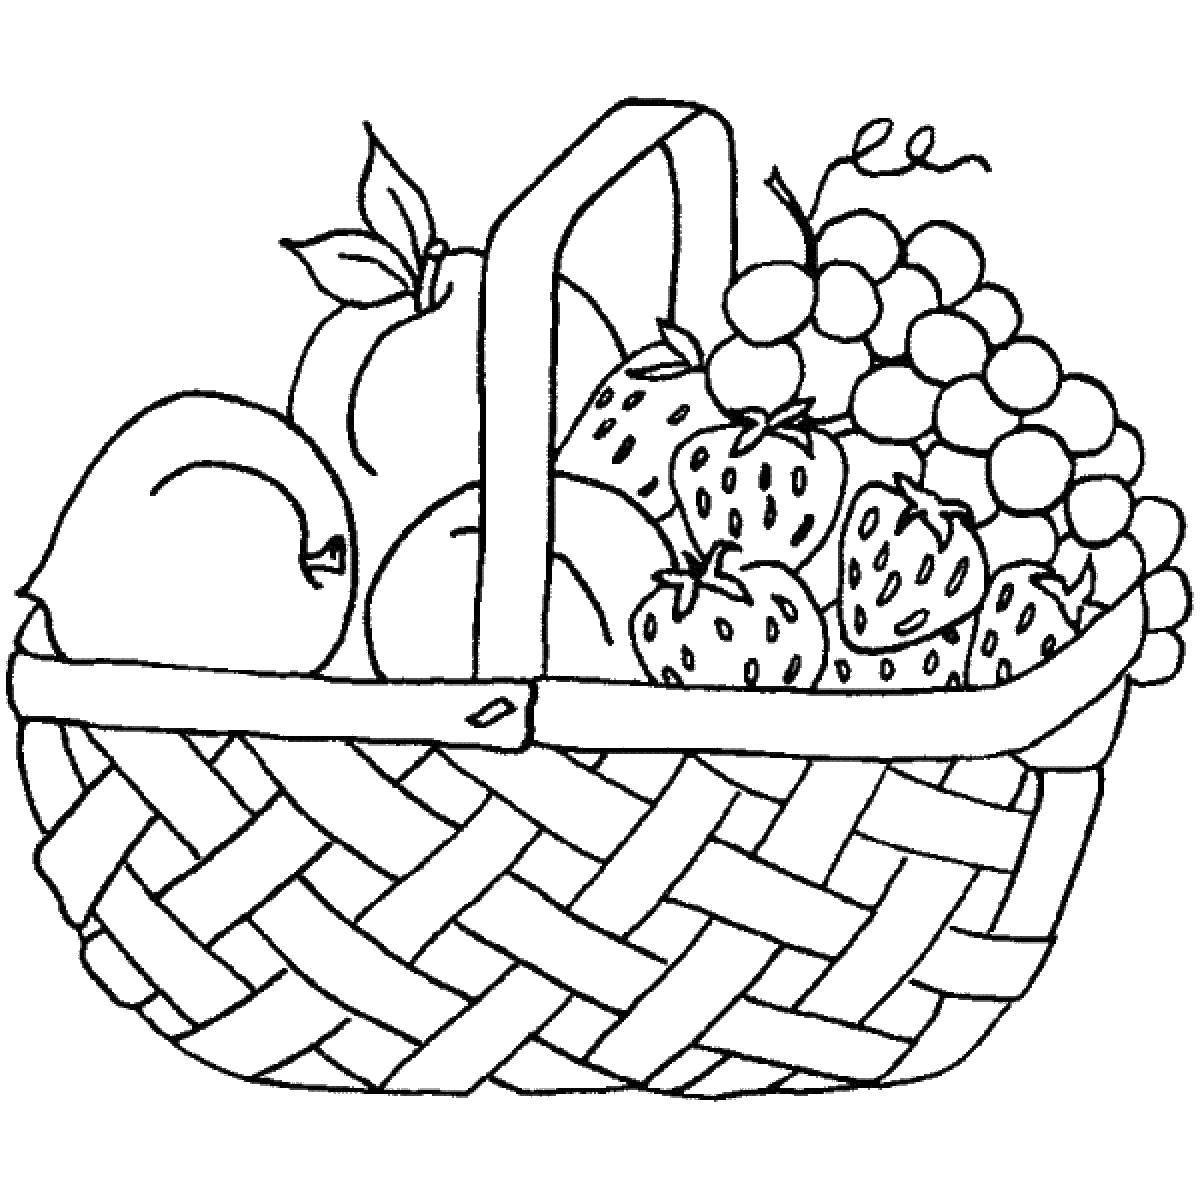 Раскраска Фрукты и ягоды в корзине Скачать корзина, фрукты, ягоды.  Распечатать ,фрукты,